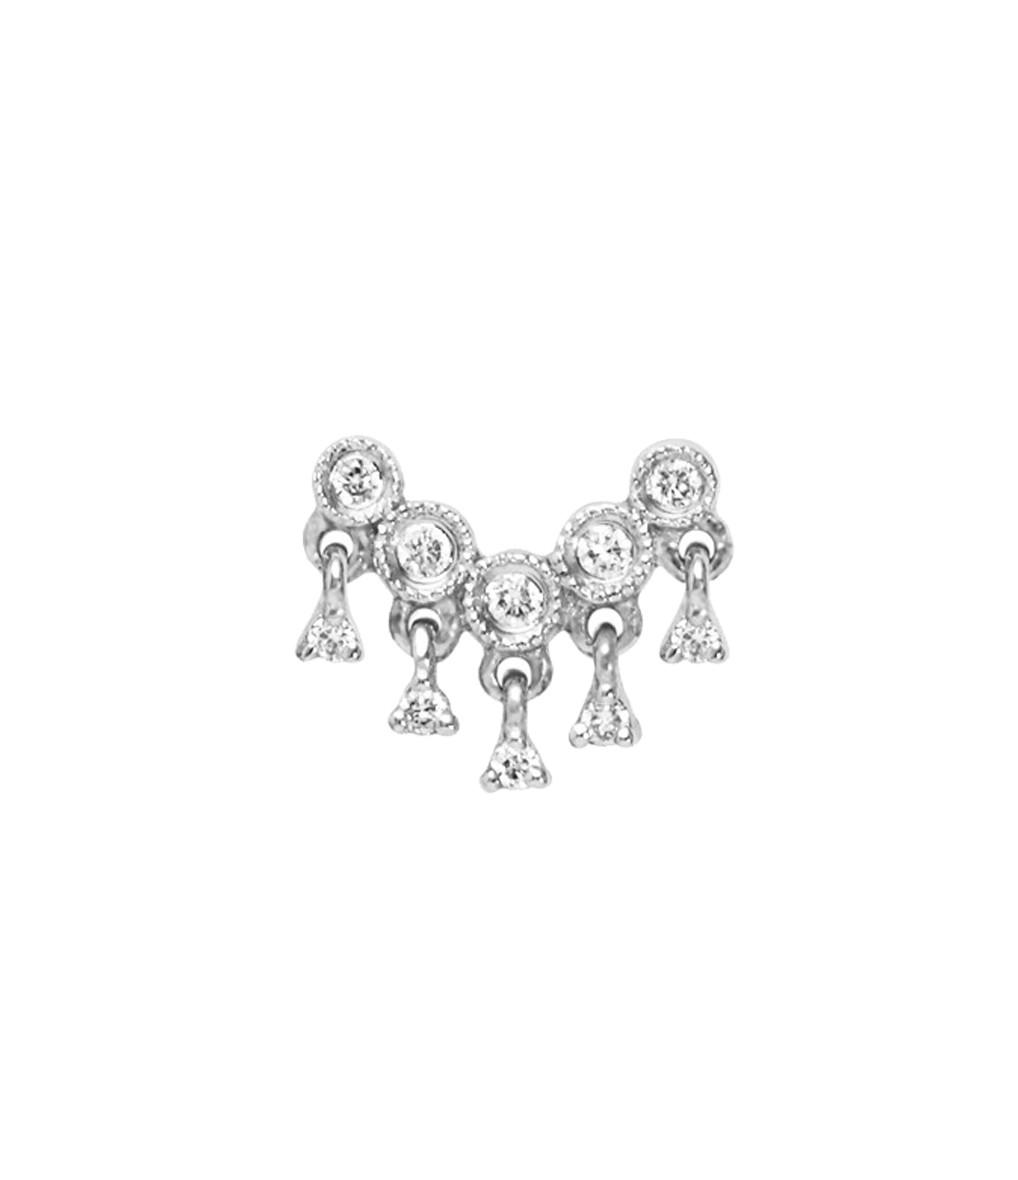 Boucle d'oreille Bouton Talitha Diamants (vendue à l'unité) - STONE